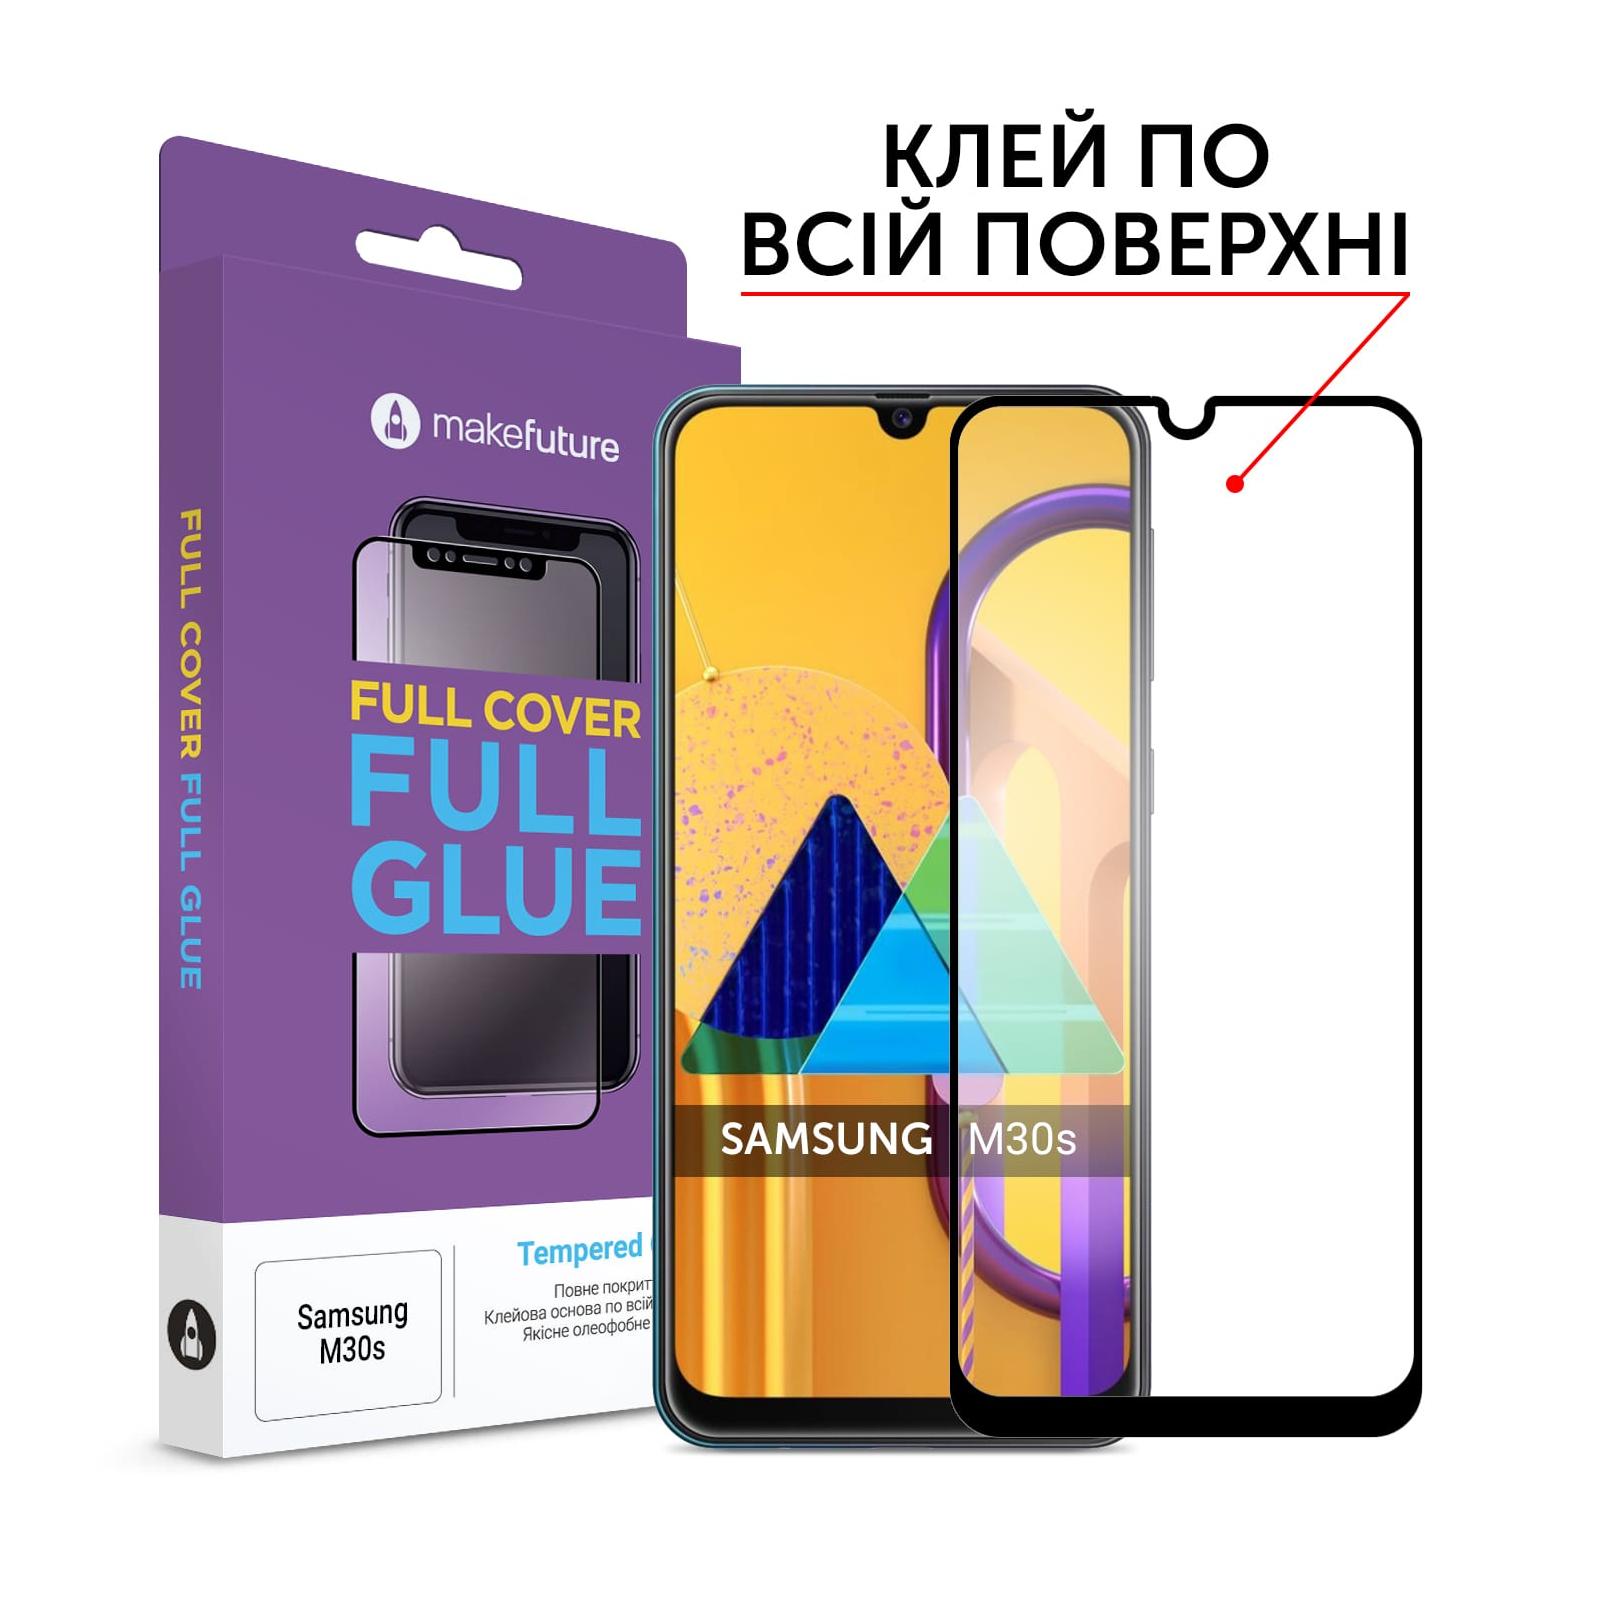 Стекло защитное MakeFuture Samsung M30s Full Cover Full Glue (MGF-SM30S)